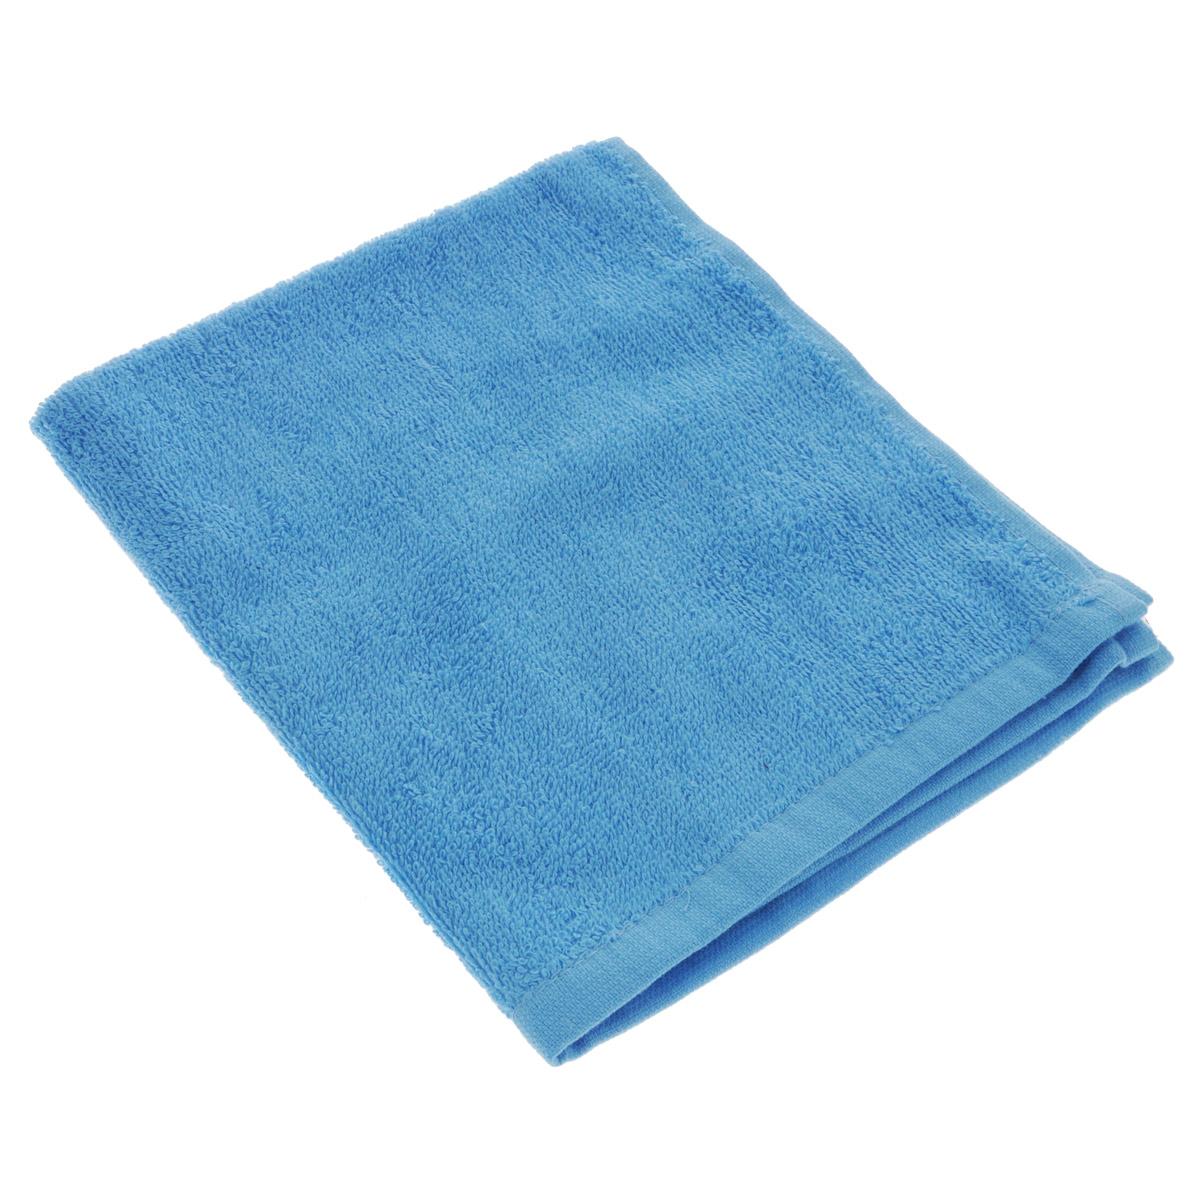 Полотенце махровое Osborn Textile, цвет: голубой, 40 х 40 см1004900000360В состав полотенца Osborn Textile входит только натуральное волокно - хлопок. Такое полотенце будет незаменимо в вашем быту. Оно создаст прекрасное настроение не только в ванной комнате, но и в кухне. Изделие прекрасно впитывает влагу и быстро сохнет. При соблюдении рекомендаций по уходу не линяет и не теряет форму даже после многократных стирок. Плотность: 400 г/м2.